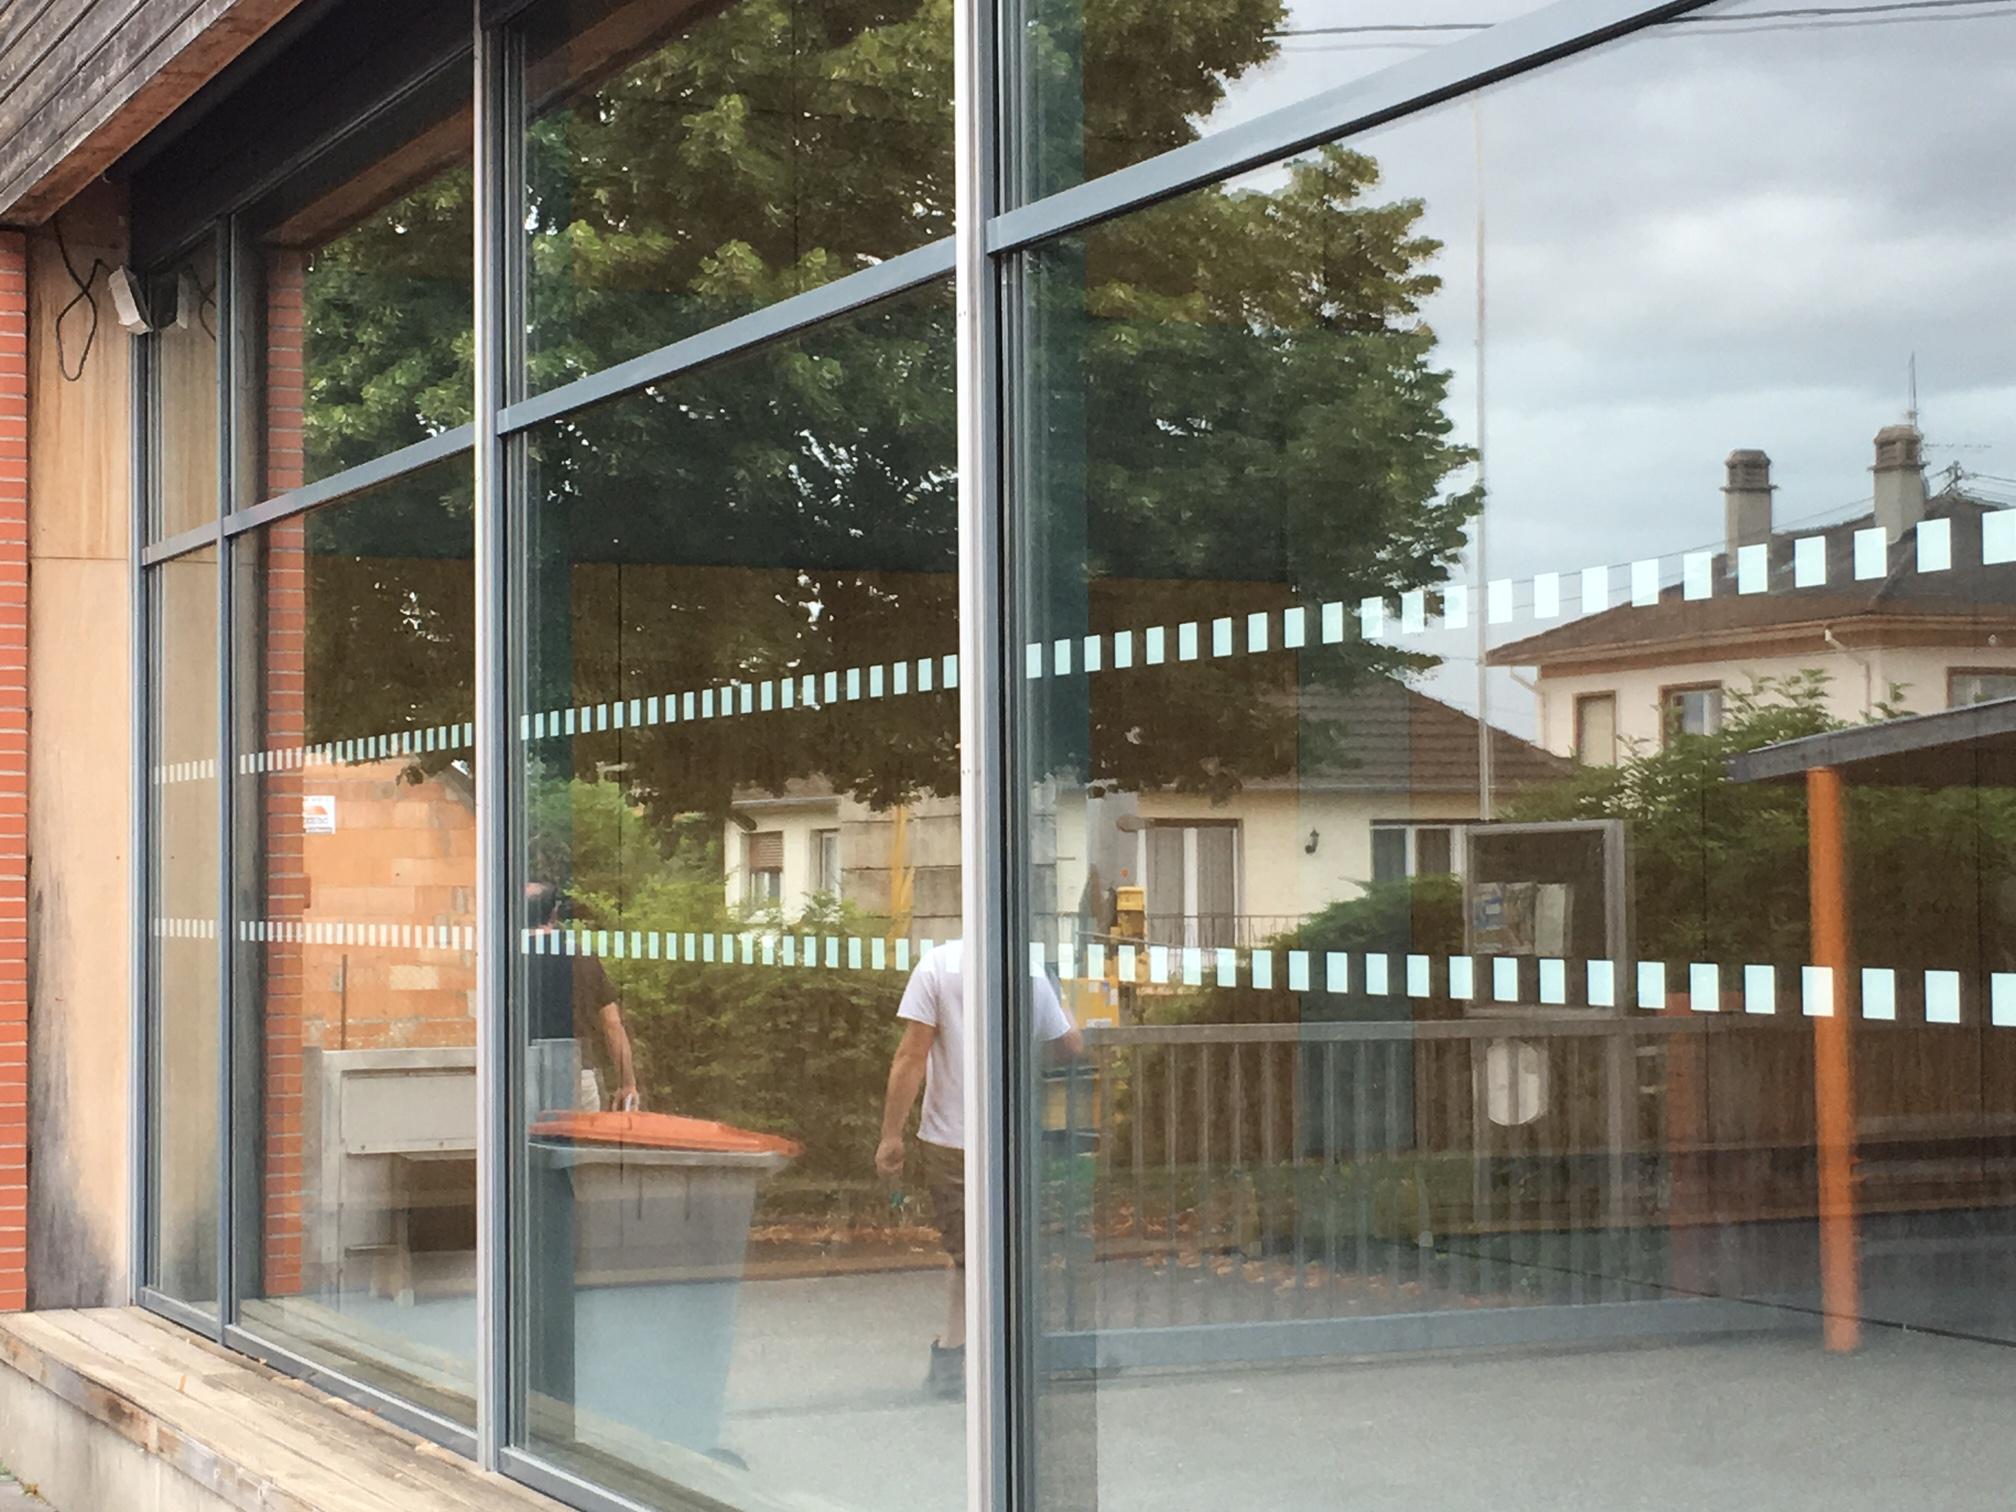 Les vitres ont été sécurisé a l'aide de bandes adhésives contrastées.